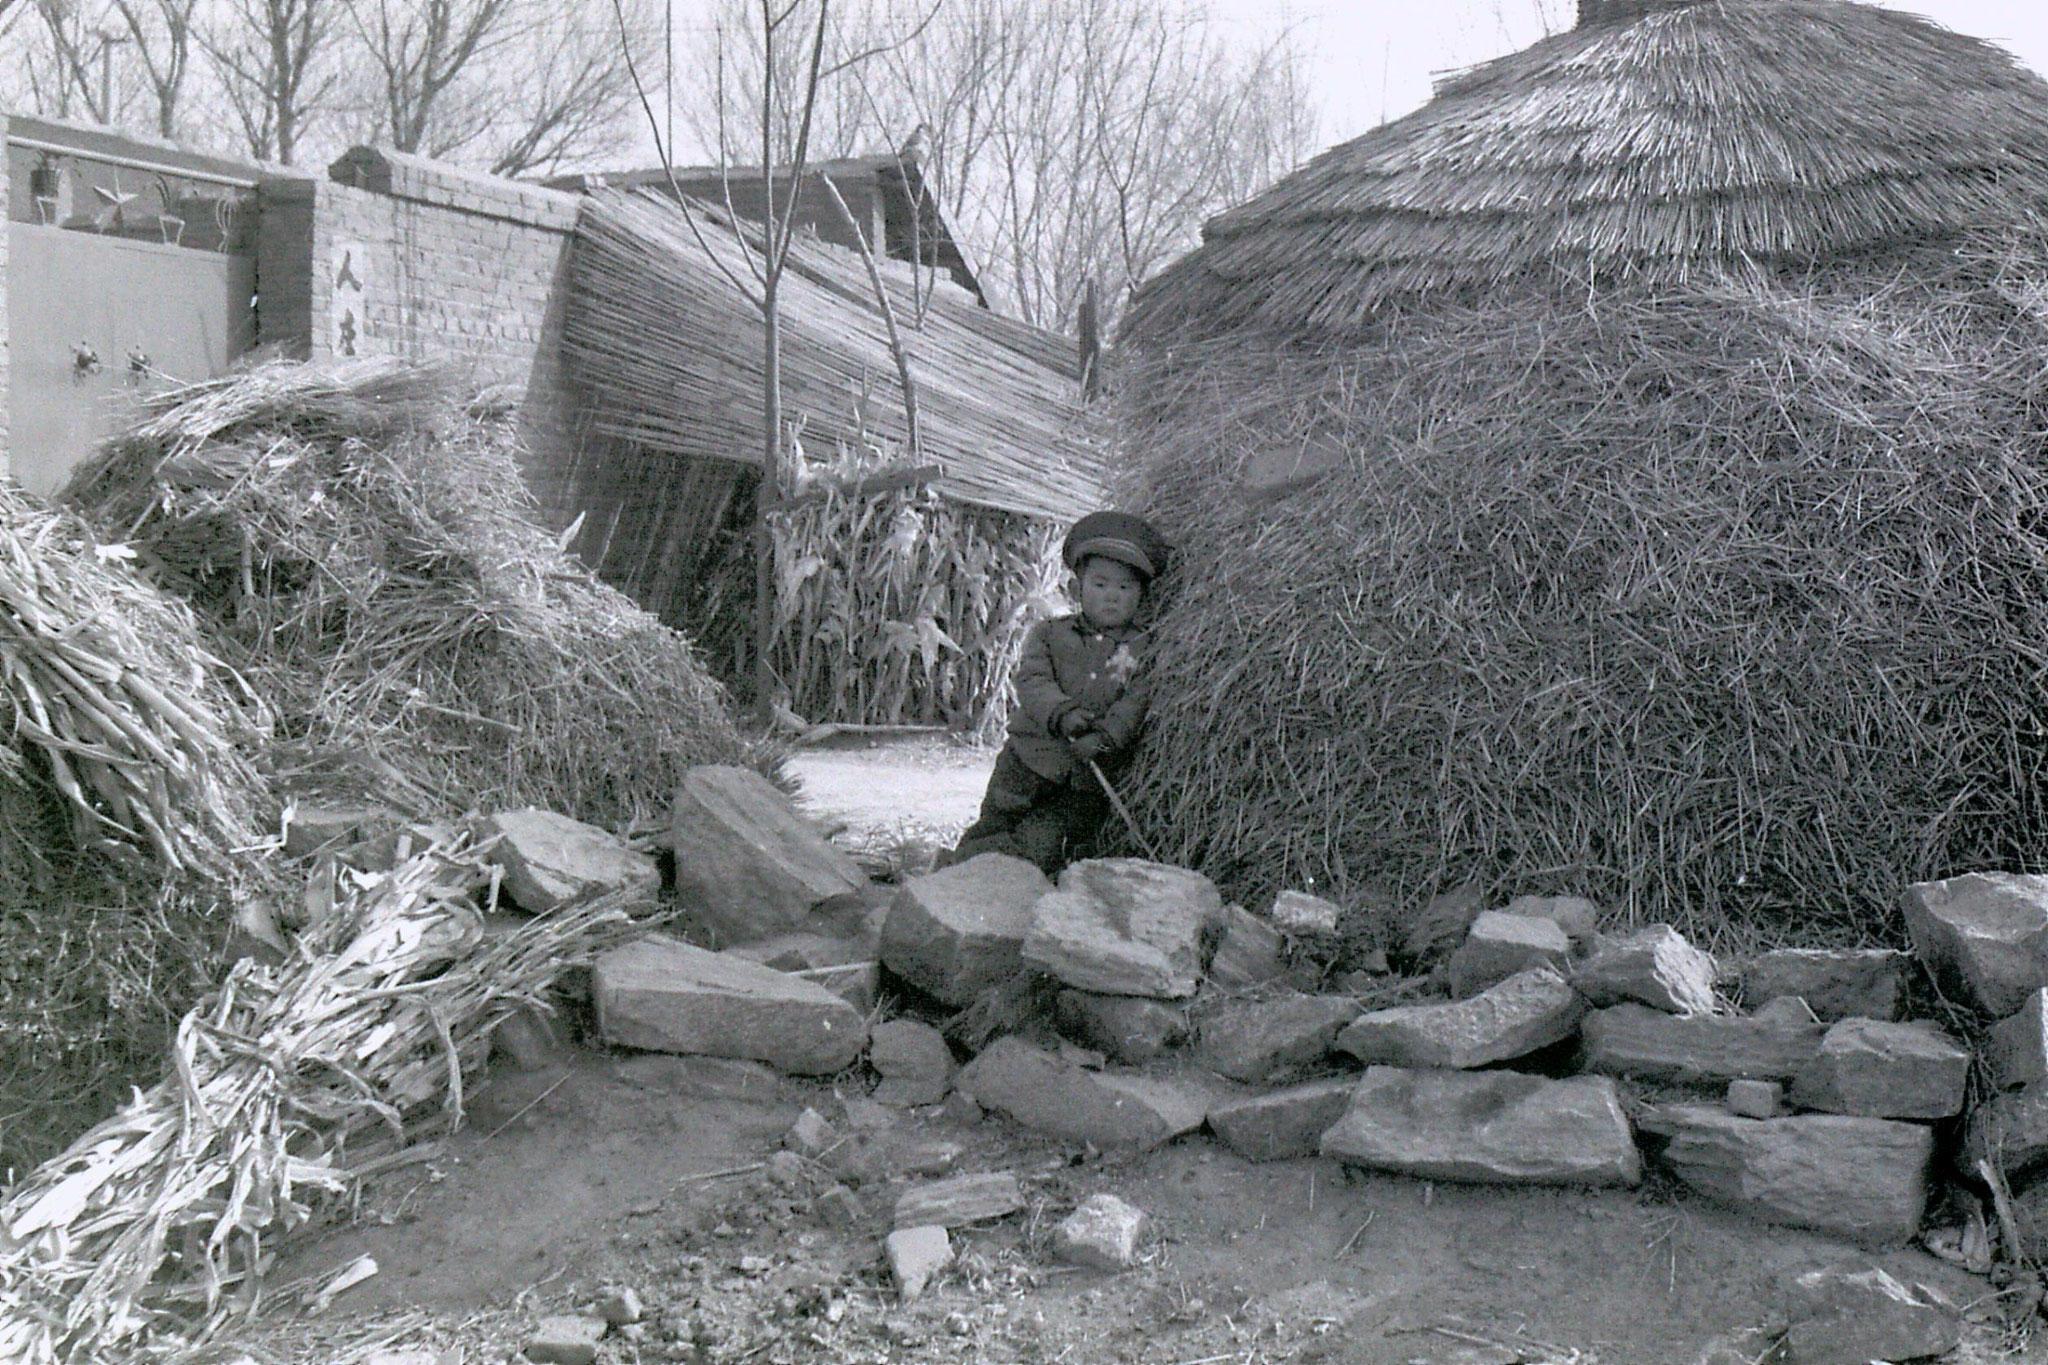 15/2/1989: 38: Liu Bo's village